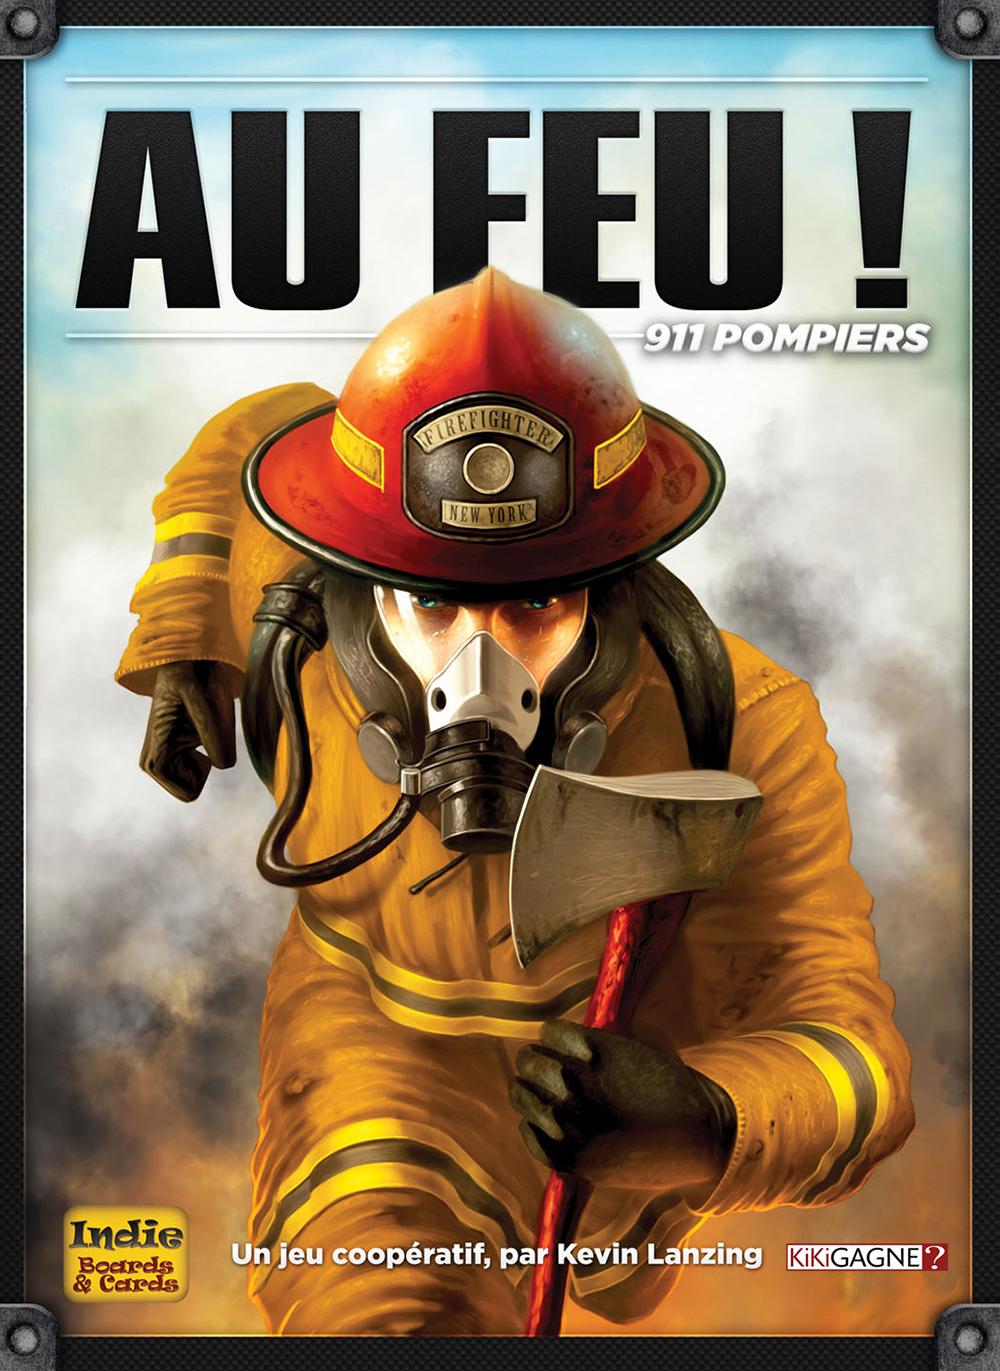 Jeu Au feu! 911 pompiers